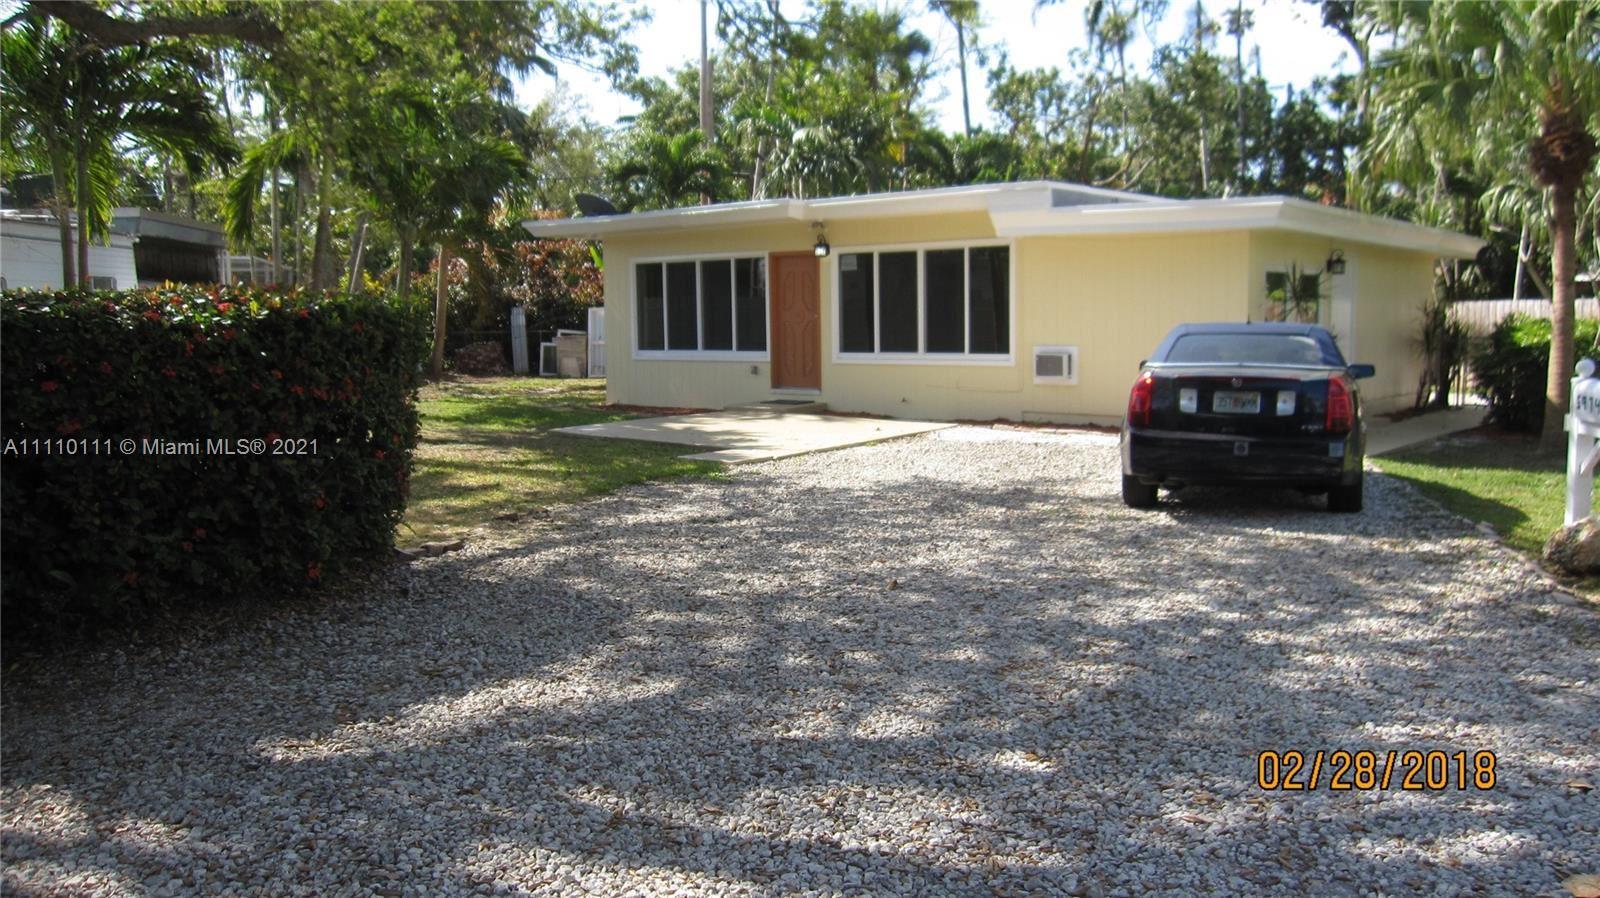 5974 SW 58th Ter, South Miami, FL 33143 - #: A11110111